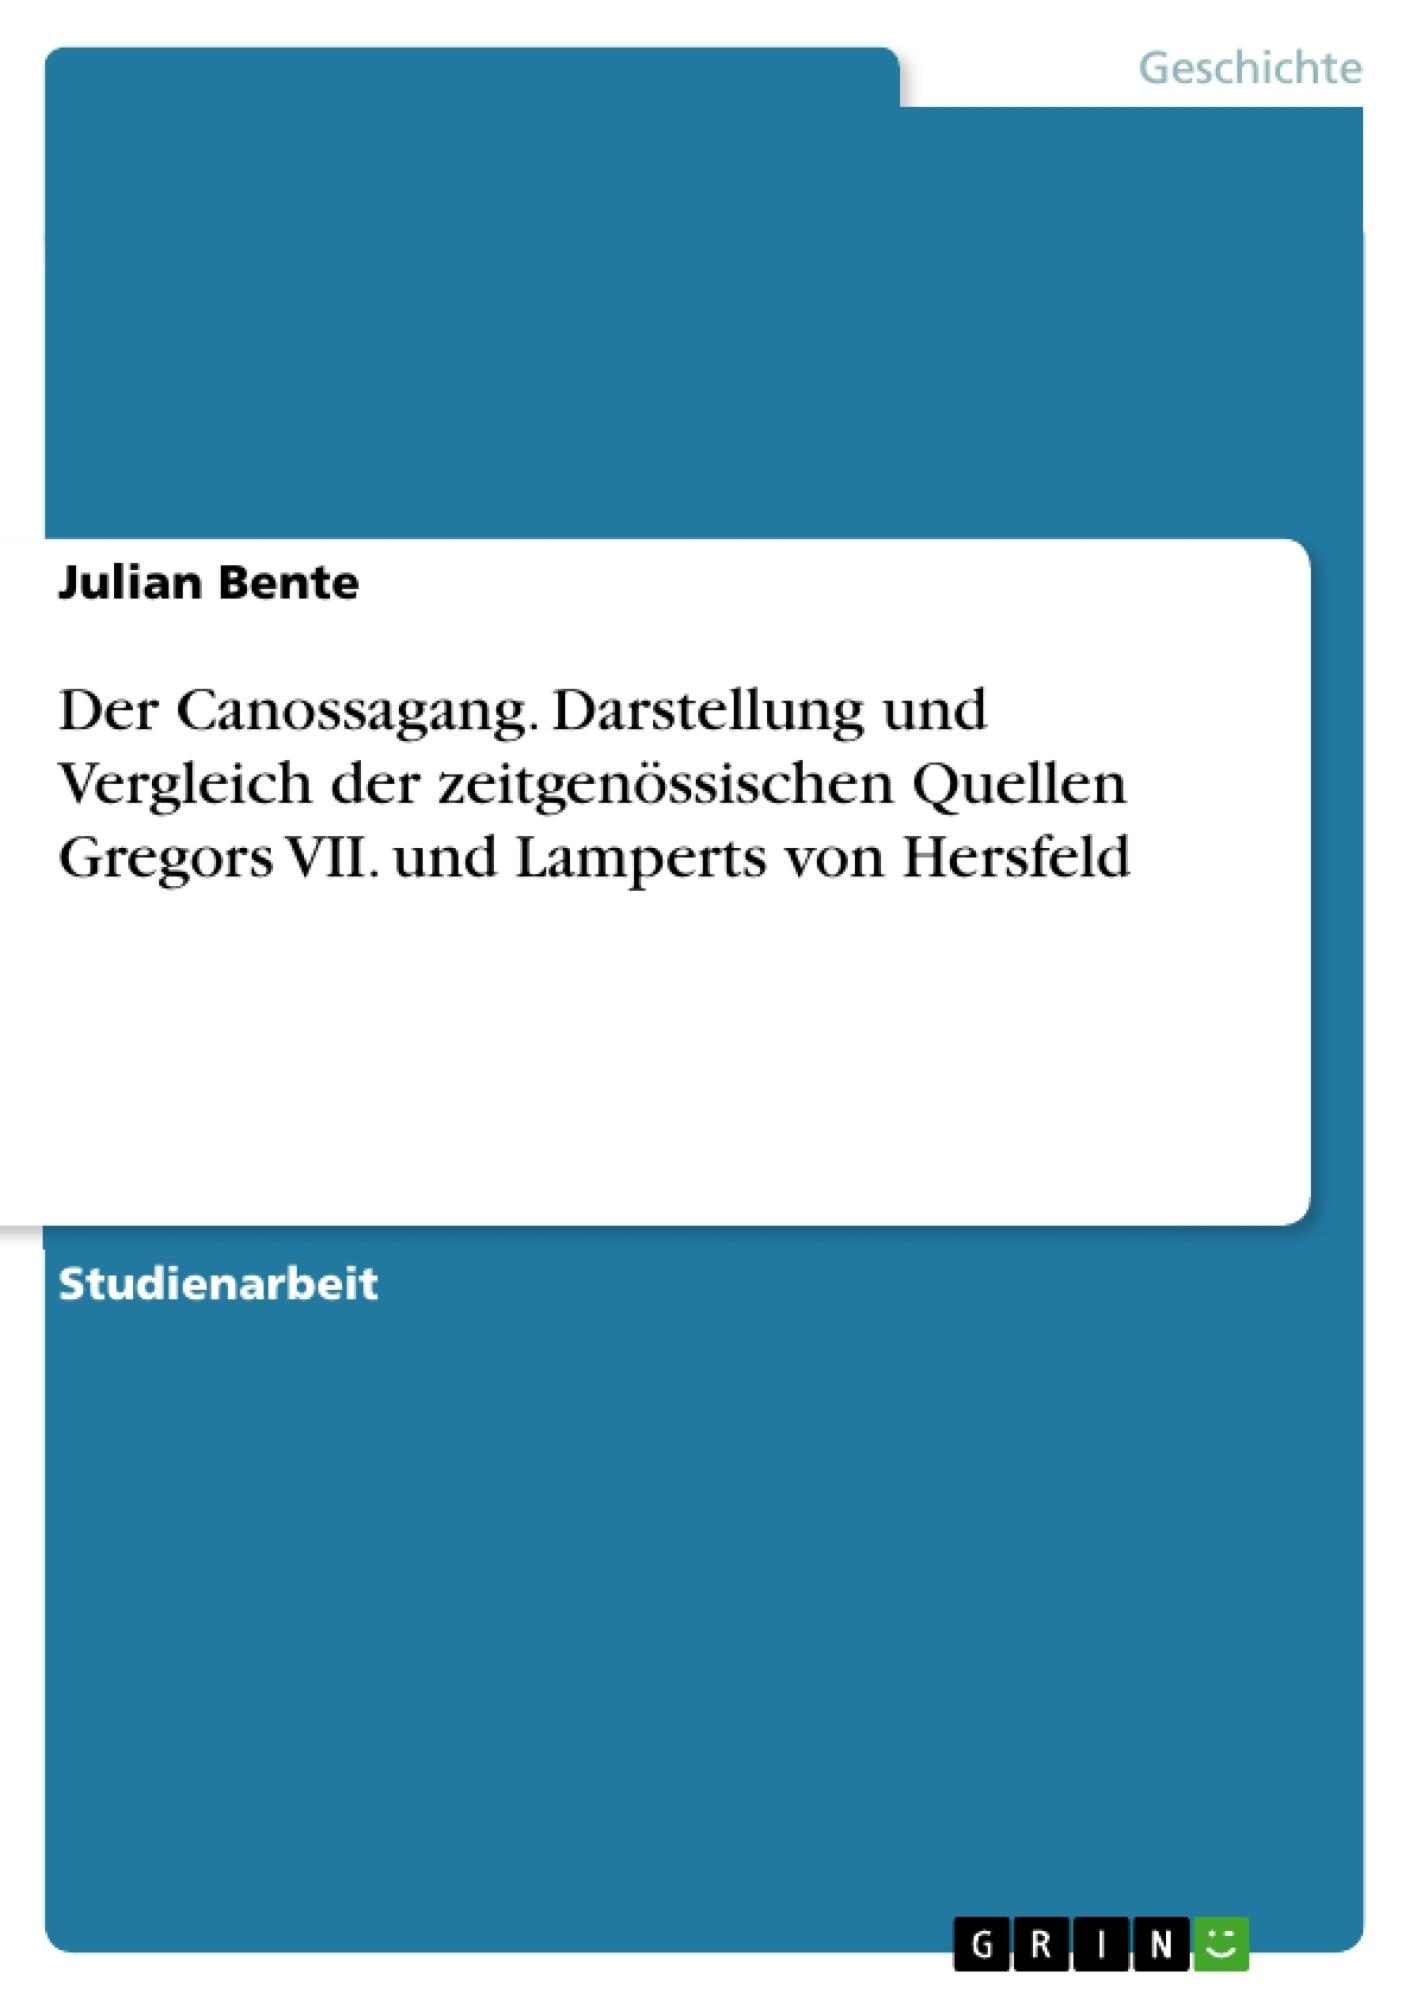 Titel: Der Canossagang. Darstellung und Vergleich der zeitgenössischen Quellen Gregors VII. und Lamperts von Hersfeld